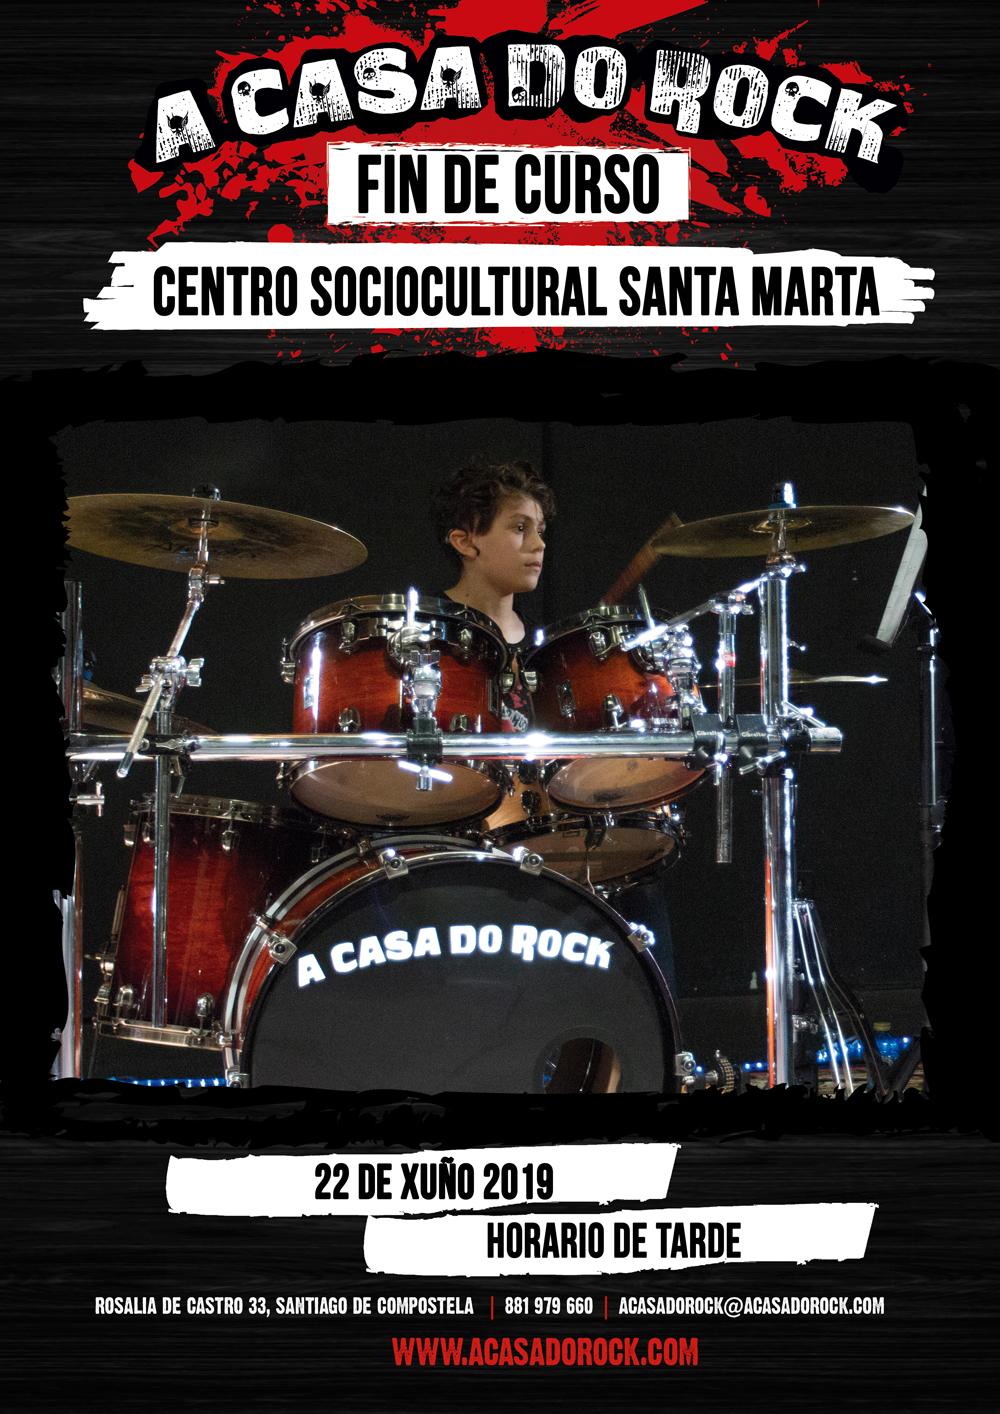 Festival Fin de Curso Santa Marta